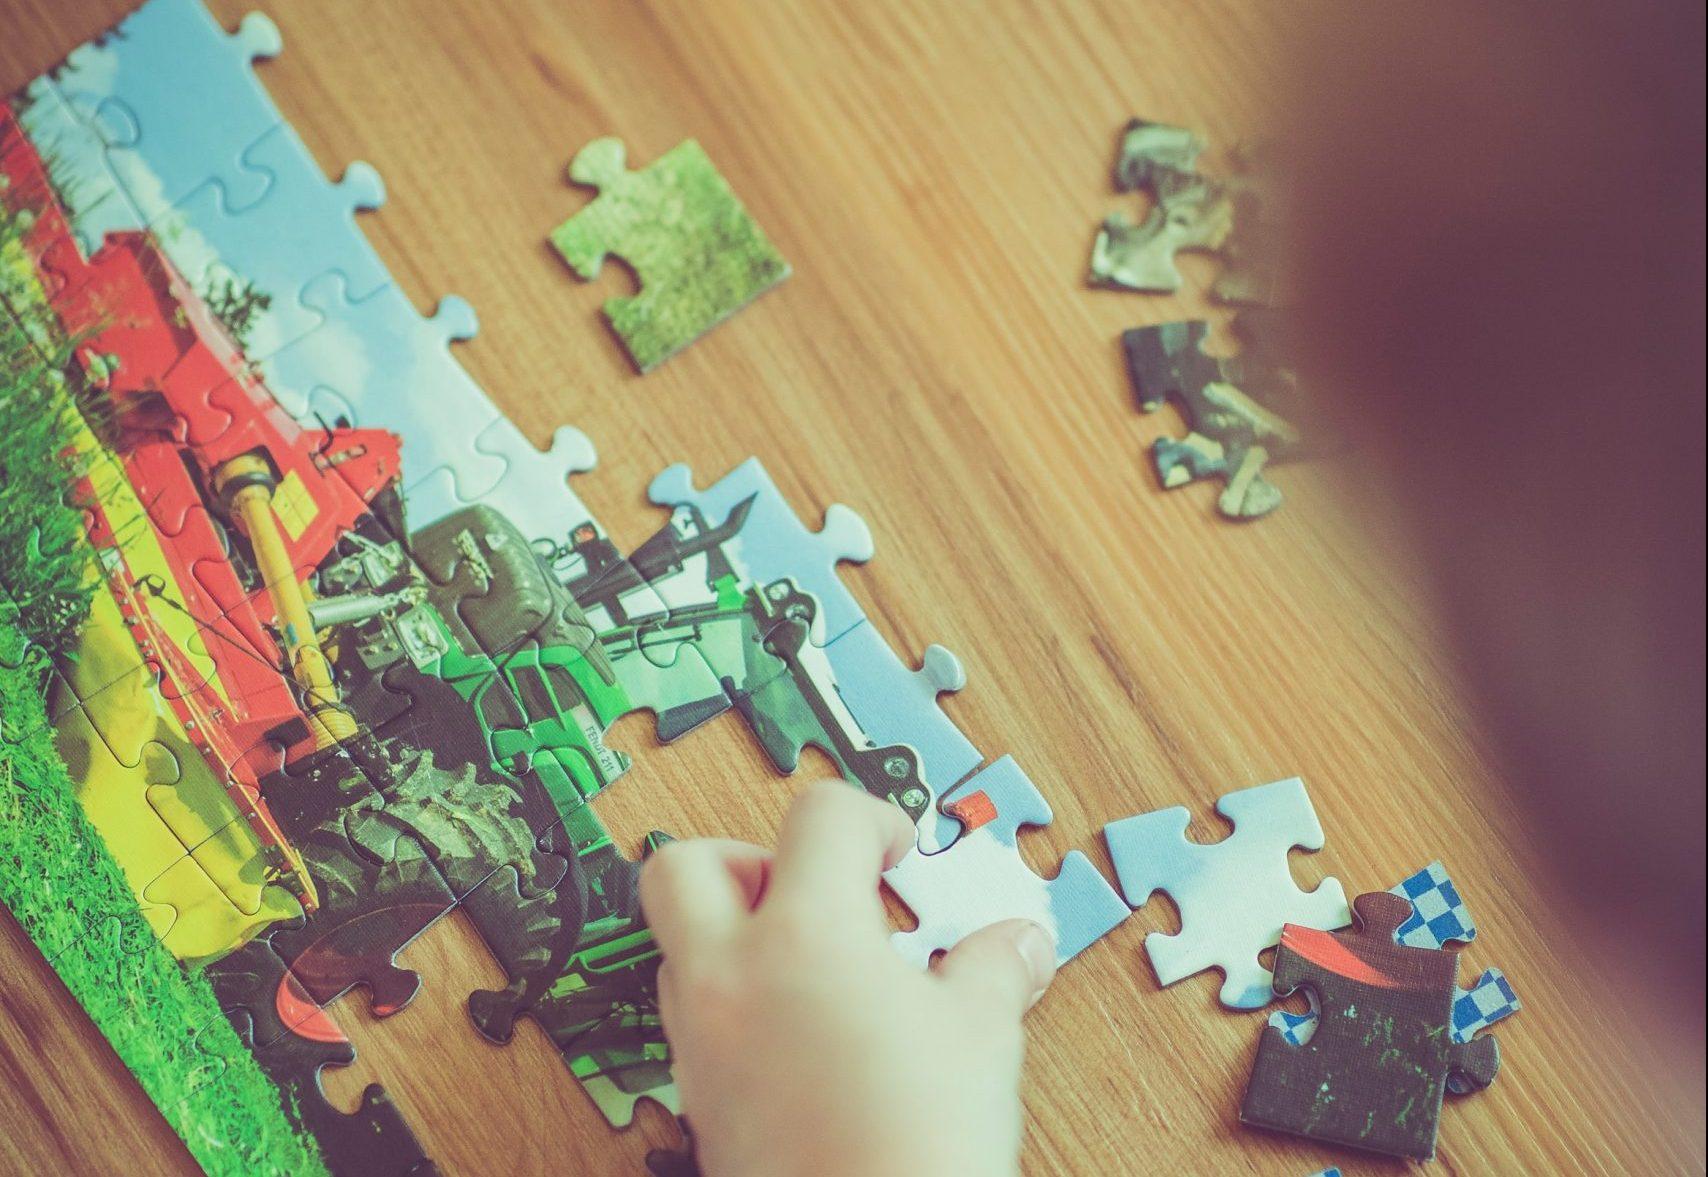 persona intenta a costruire un puzzle